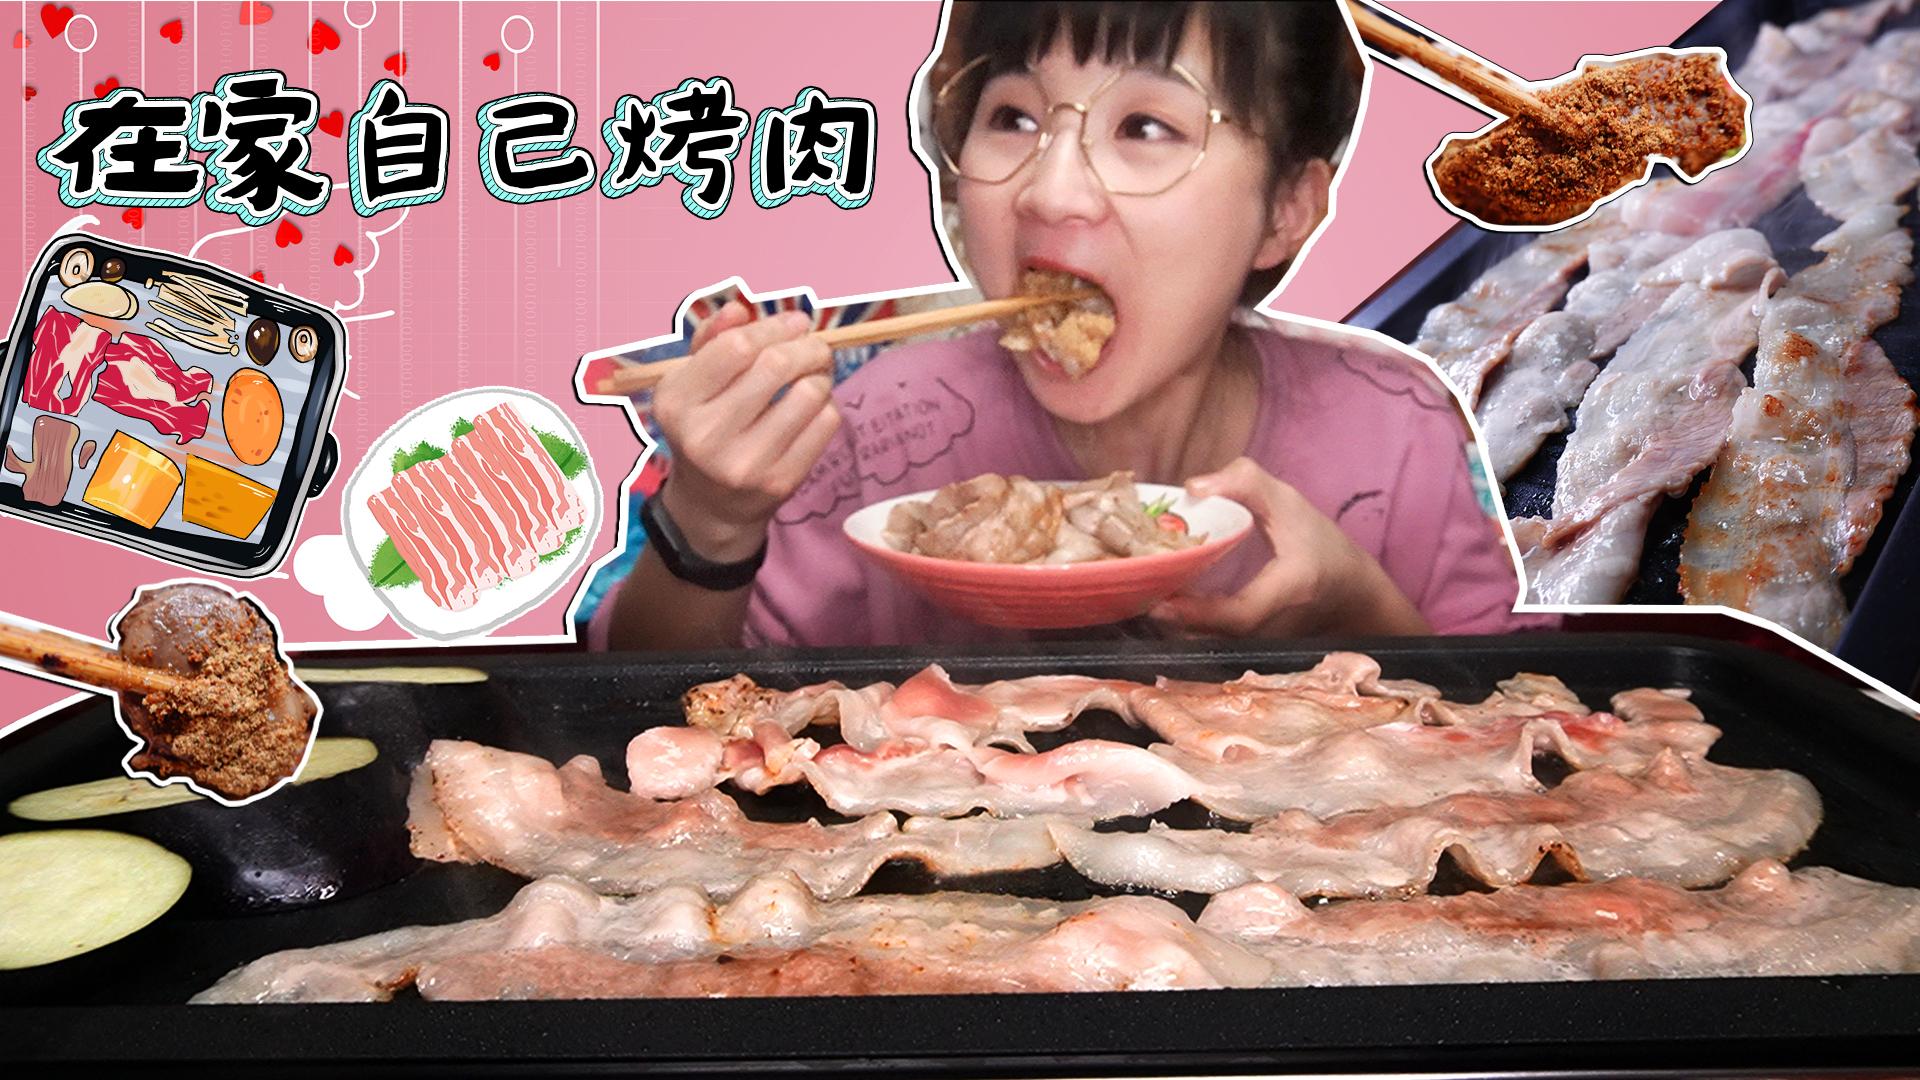 【小猪猪的vlog】清冰箱,自制烤肉配齐齐哈尔干料,五花肉大腰子